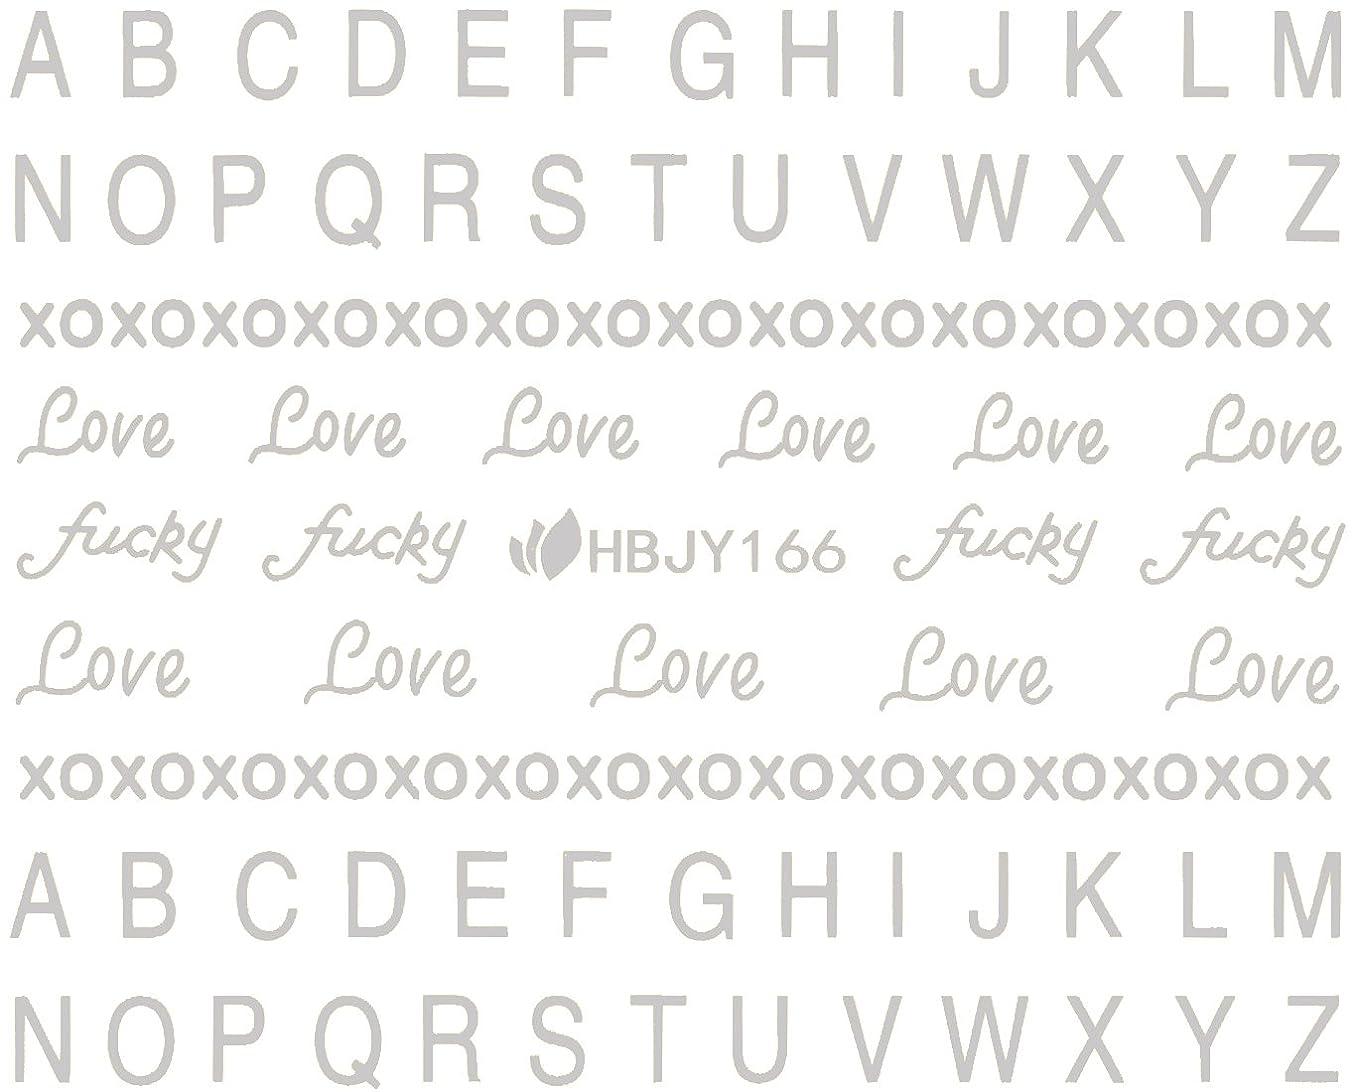 デマンド岸マナーネイルシール アルファベット 文字 パート2 ブラック/ホワイト/ゴールド/シルバー 選べる44種 (シルバーSP, 29)